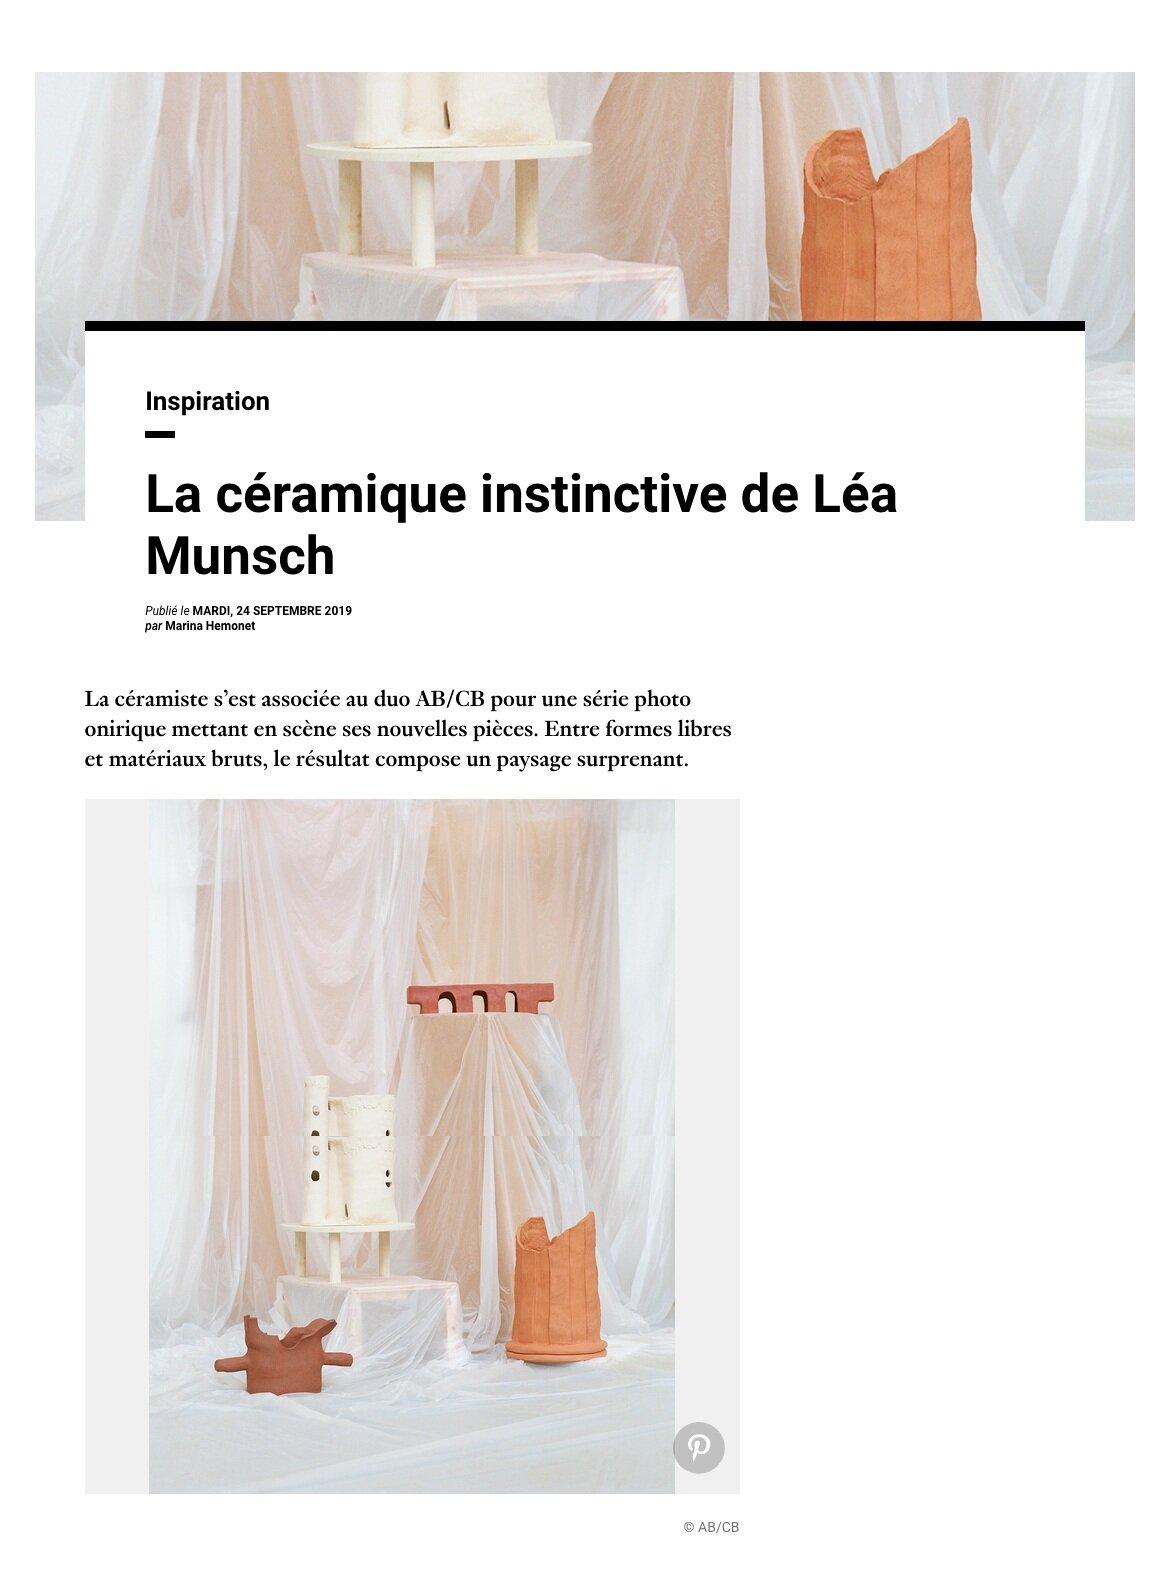 La+ce%CC%81ramique+instinctive+de+Le%CC%81a+Munsch+-+AD+Magazine+web.jpg